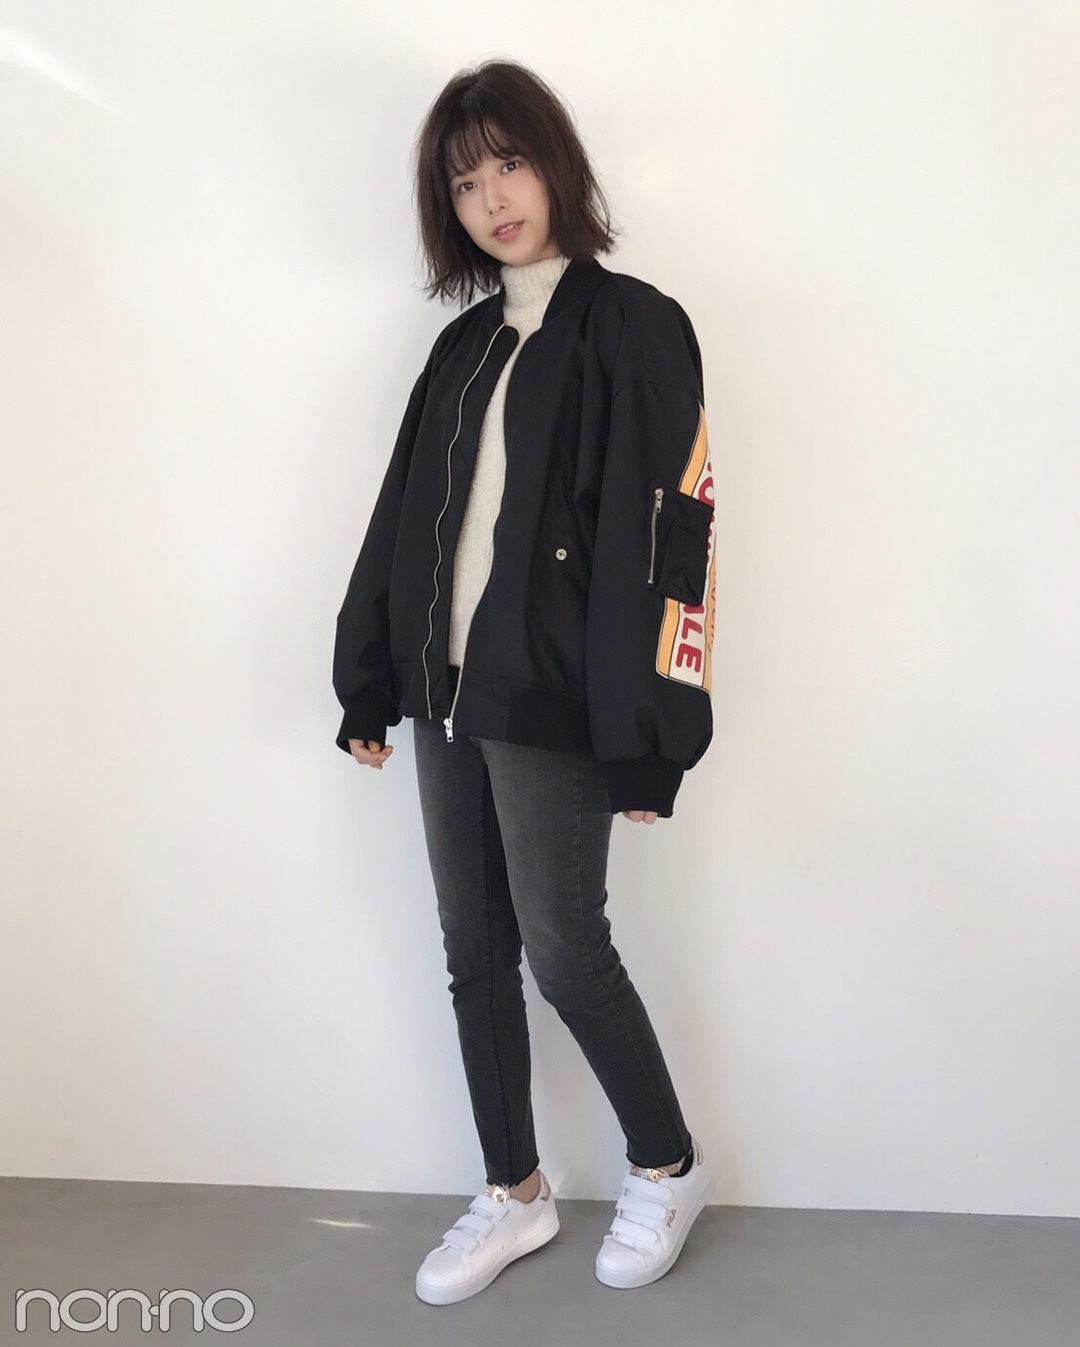 渡邉理佐|モデルの私服